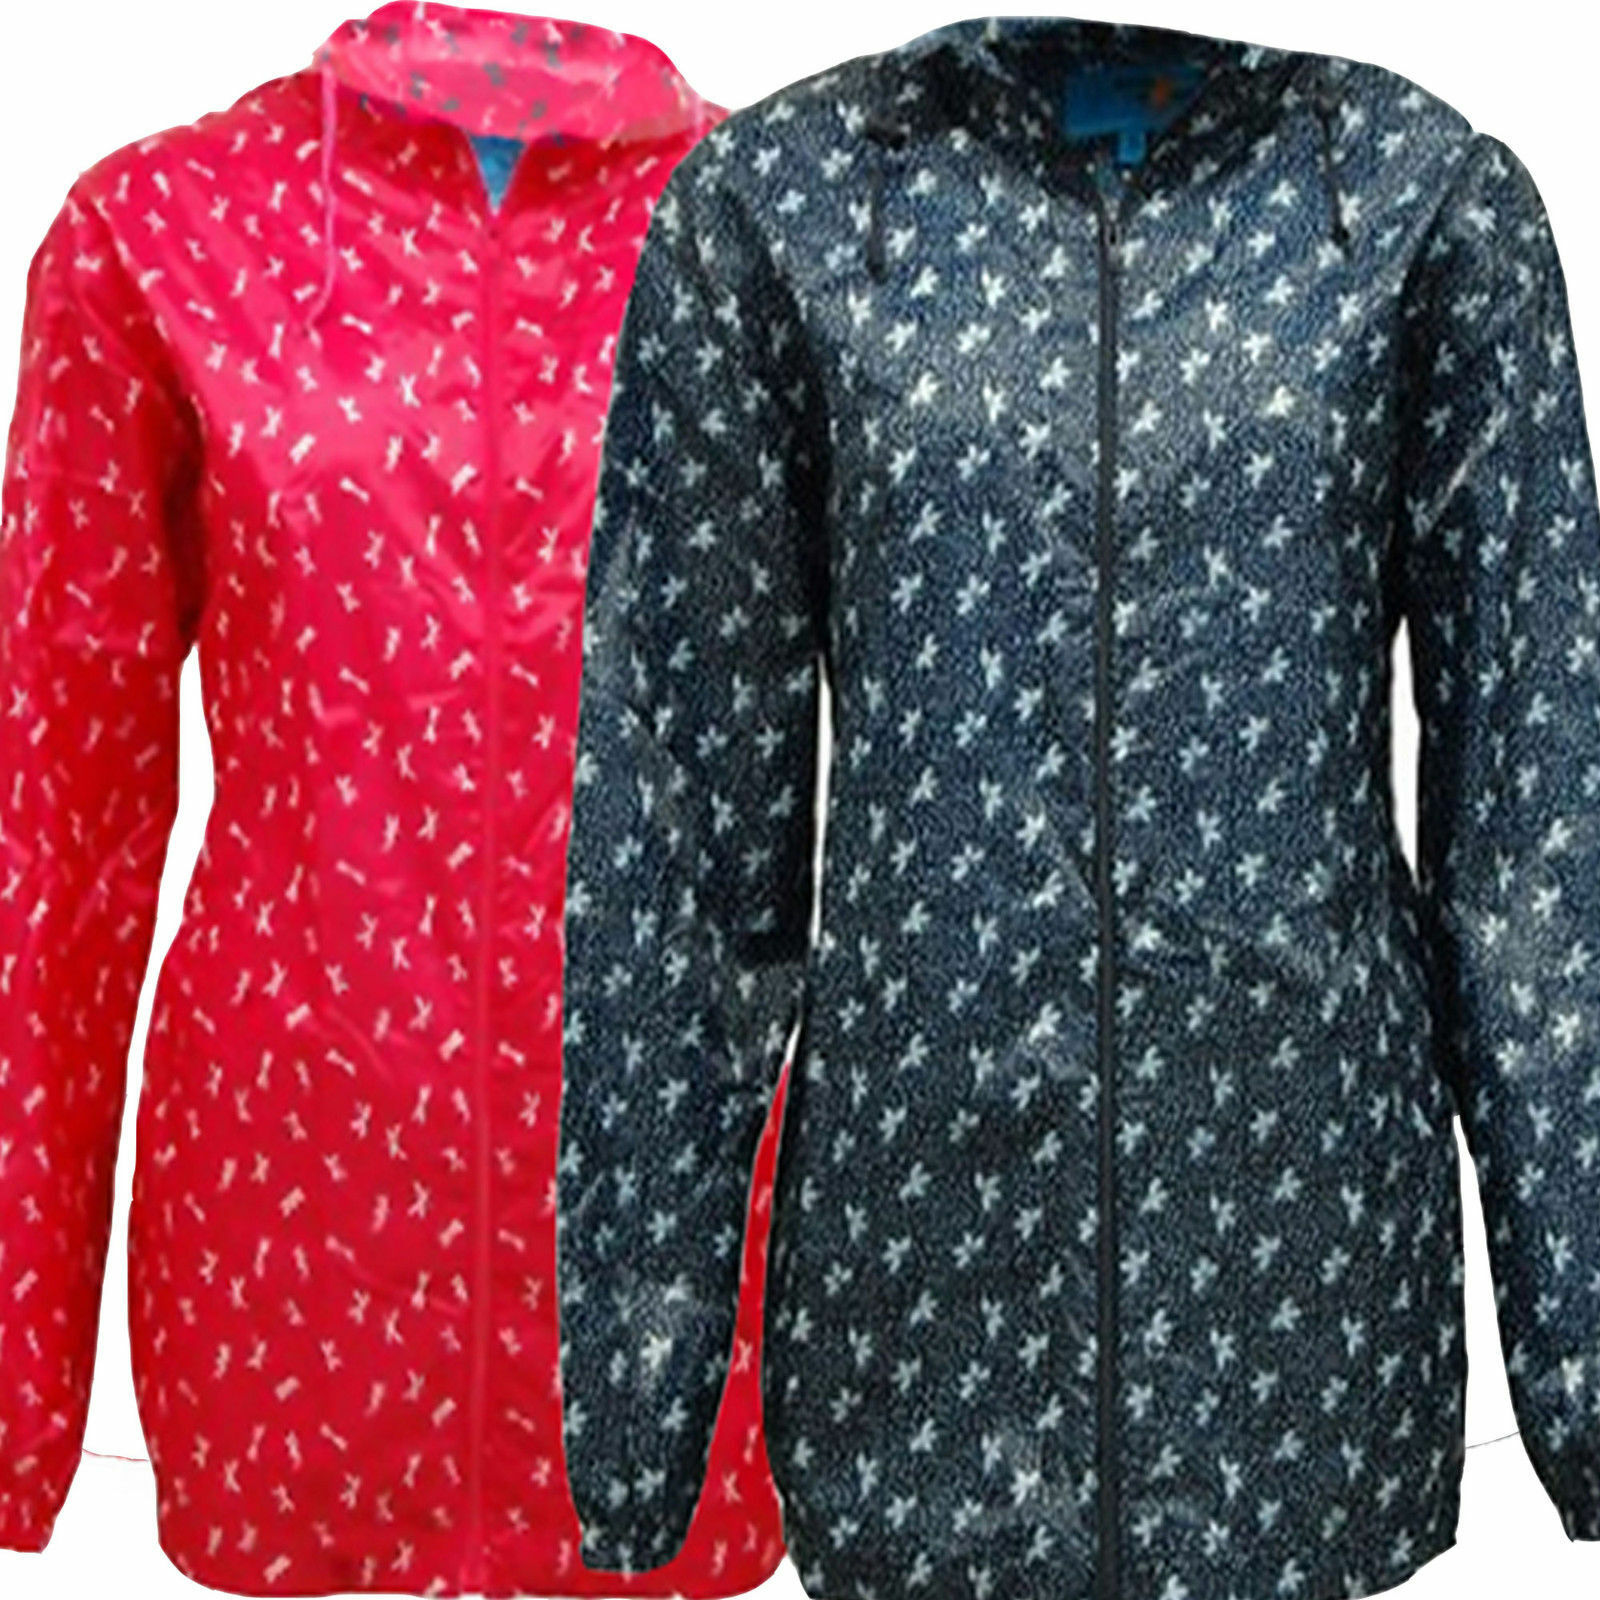 Chaqueta de lluvia impermeable / a prueba de viento impresa para hombres / mujeres / Kagool Kagoul Cagoule S-XL